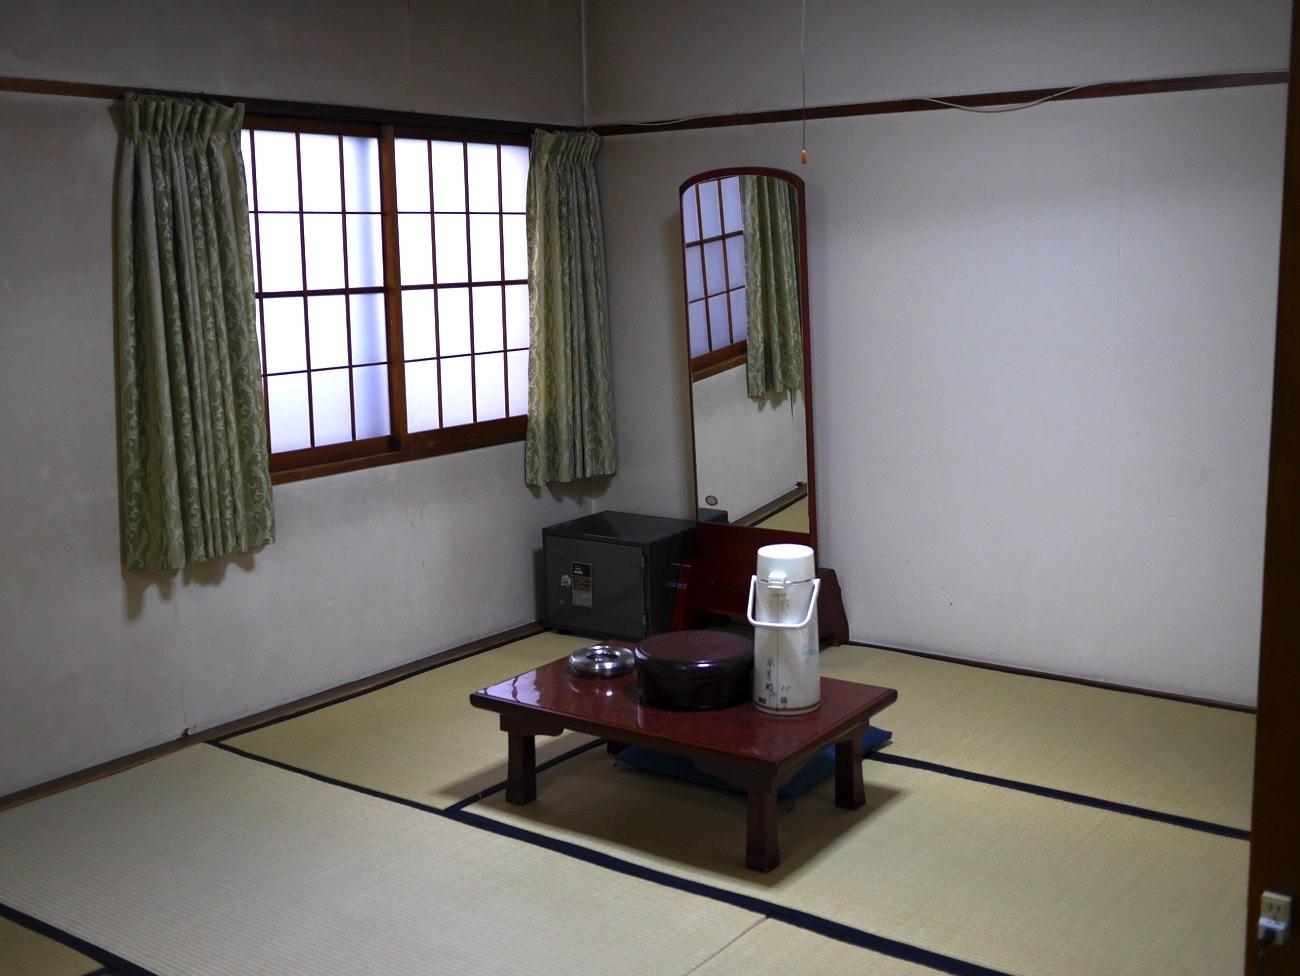 わたしが宿泊した部屋